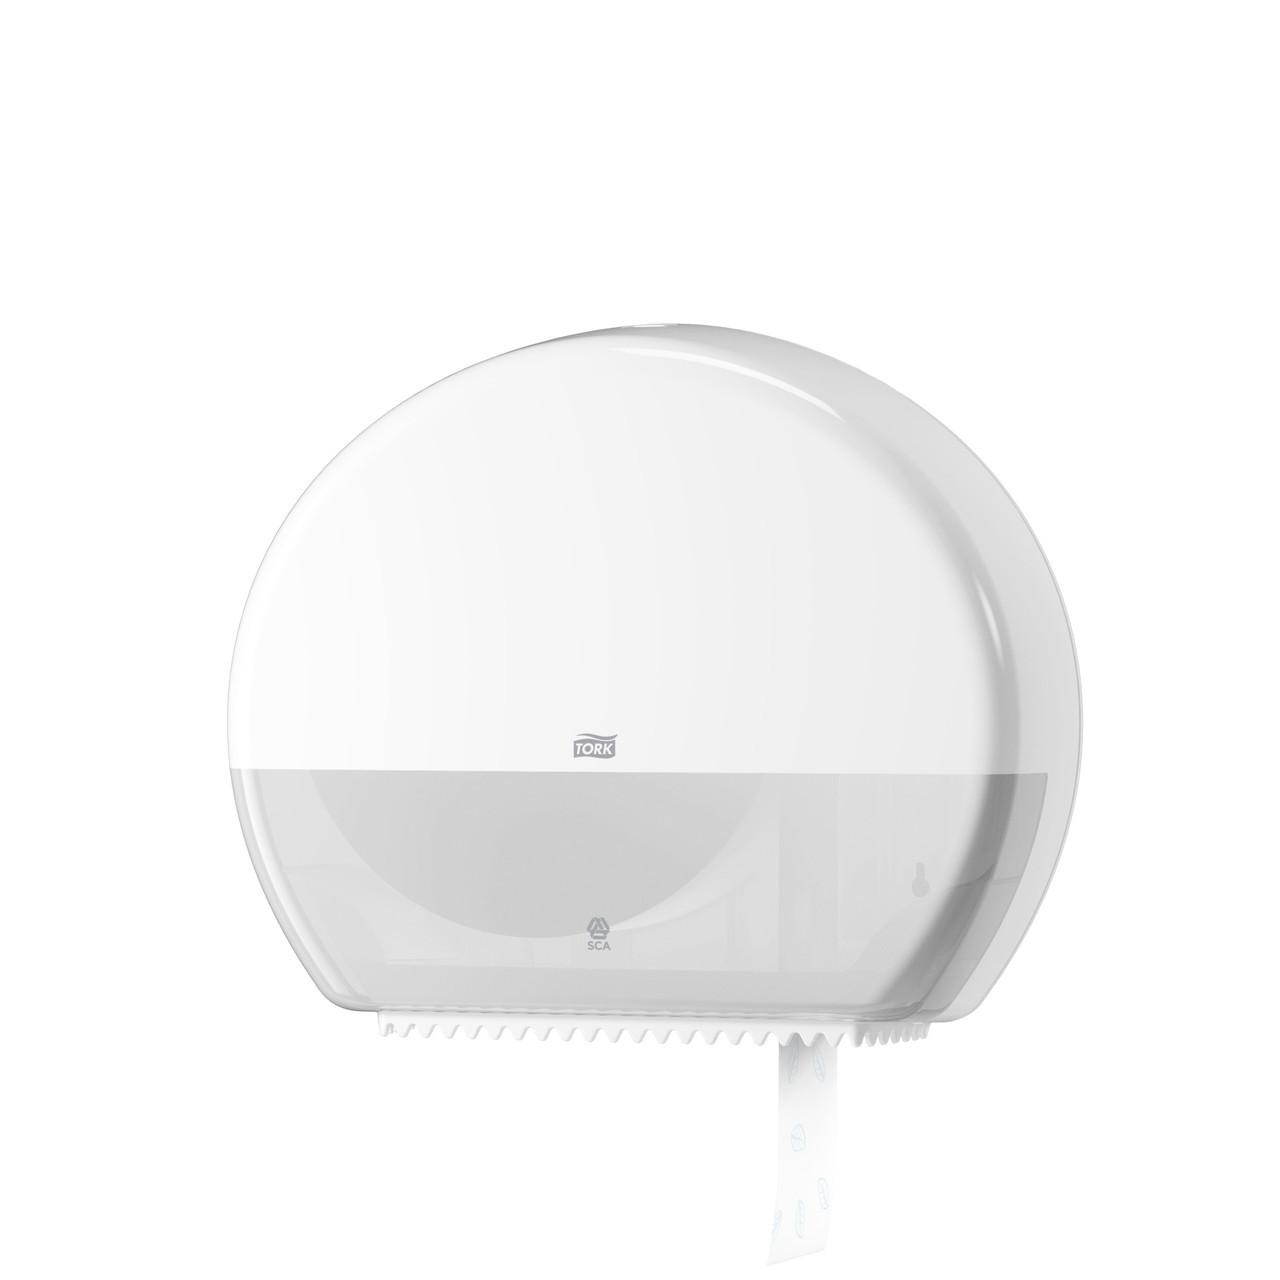 Tork диспенсер для туалетной бумаги в больших рулонах 554000